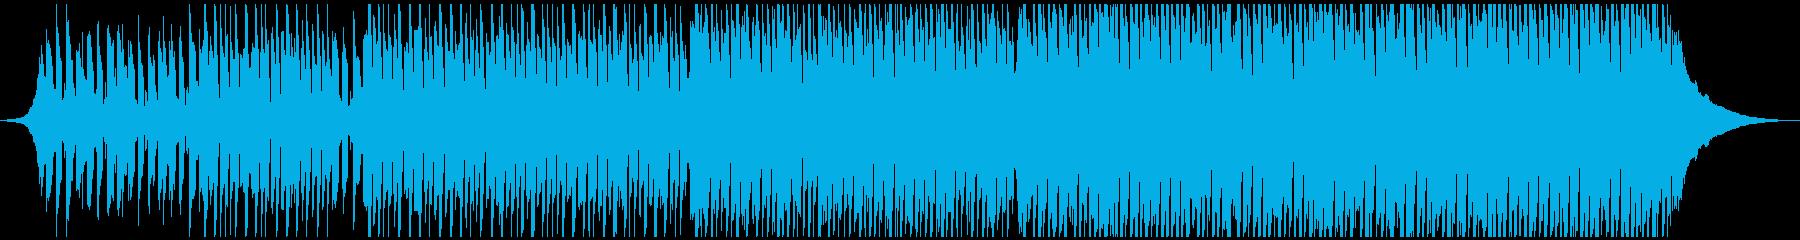 ポップコーポレート(中)の再生済みの波形